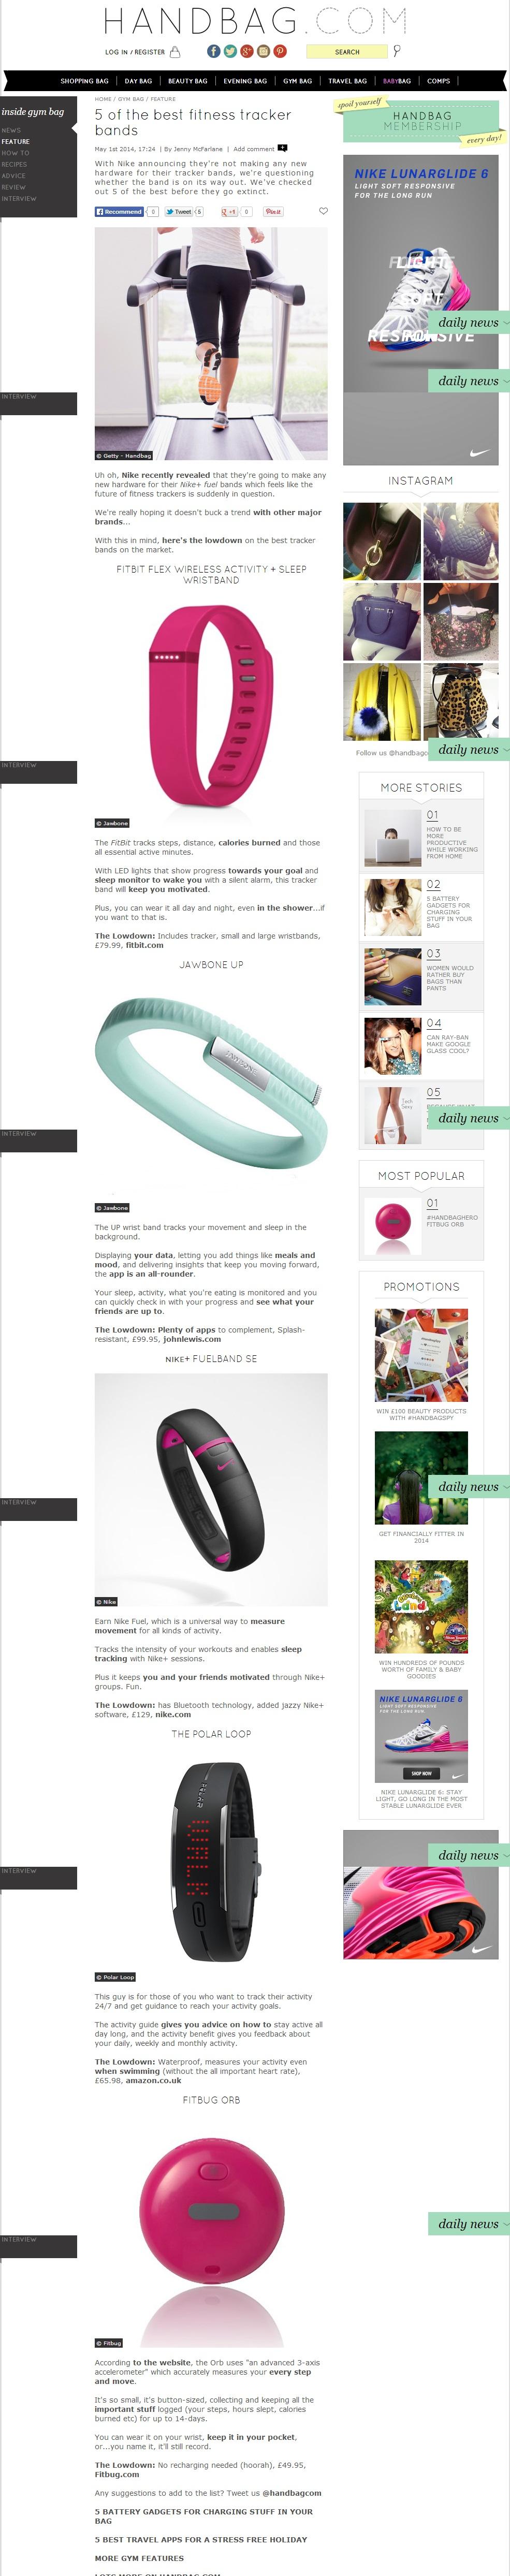 screencapture-www-handbag-com-gym-bag-feature-a567931-5-of-the-best-fitness-tracker-bands-html